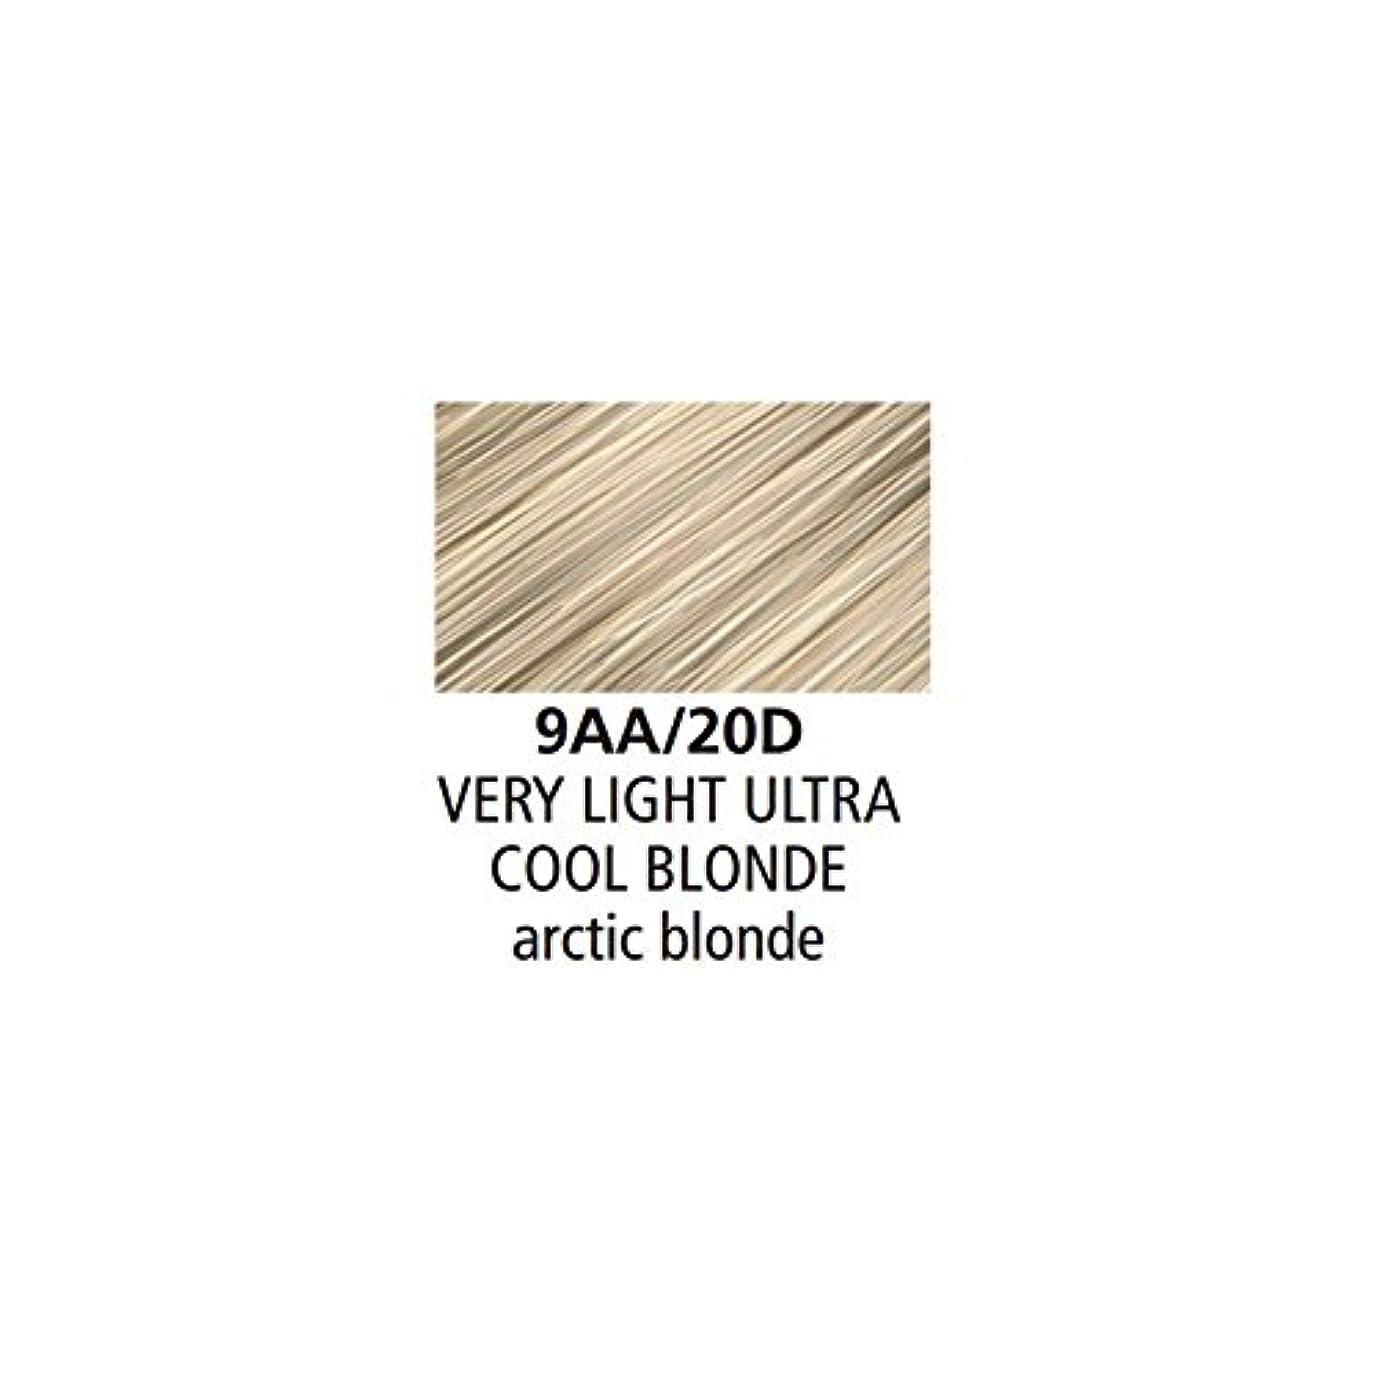 原油うがい薬不機嫌Clairol Professional - SOY4PLEX - Liquicolor Permanente - Very Light Ultra Cool Blonde - 9AA/20D - 2 oz / 59 mL